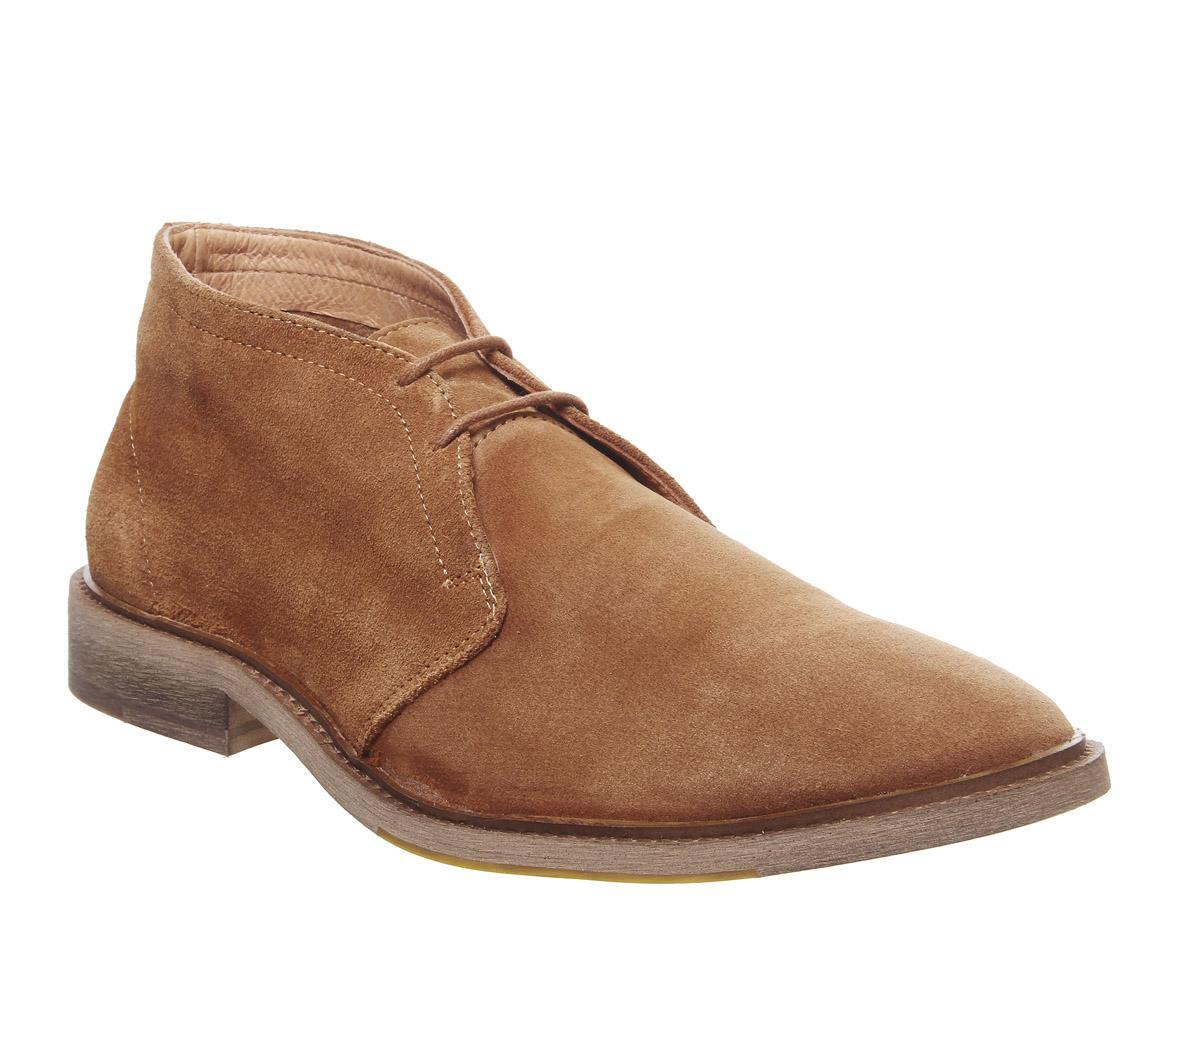 Lazy Chukka Boots